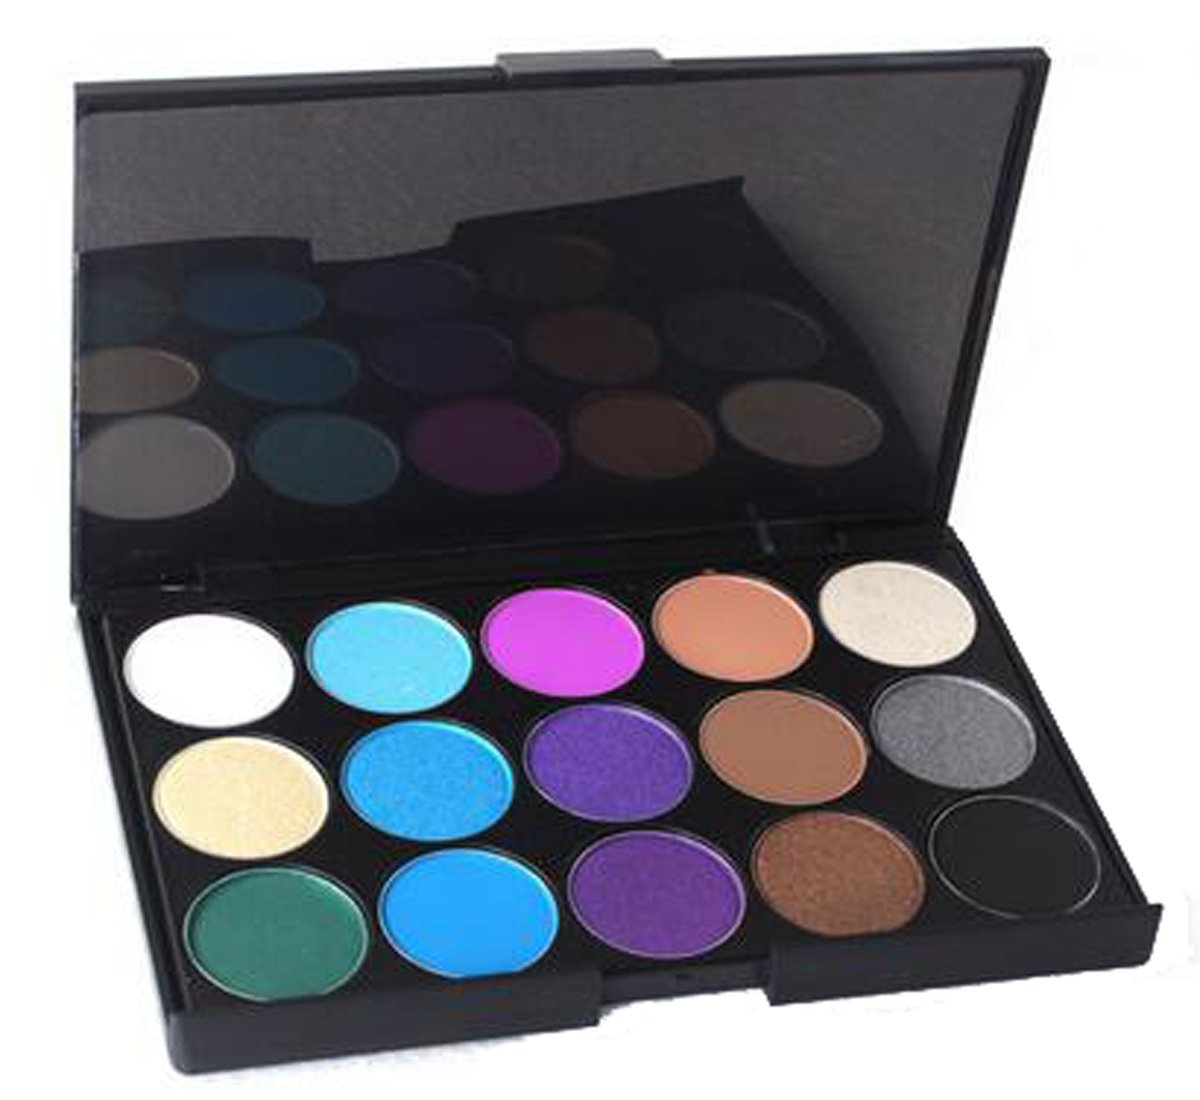 LUFA 15 Colores Sombreador de ojos Palette Efecto ocular mate Smokey Neutral Duradera Maquillaje Desnudo / Blanco Destaque / Marrón / Negro / Chocolate / Púrpura / Azul / Verde / Gris Plata # 3